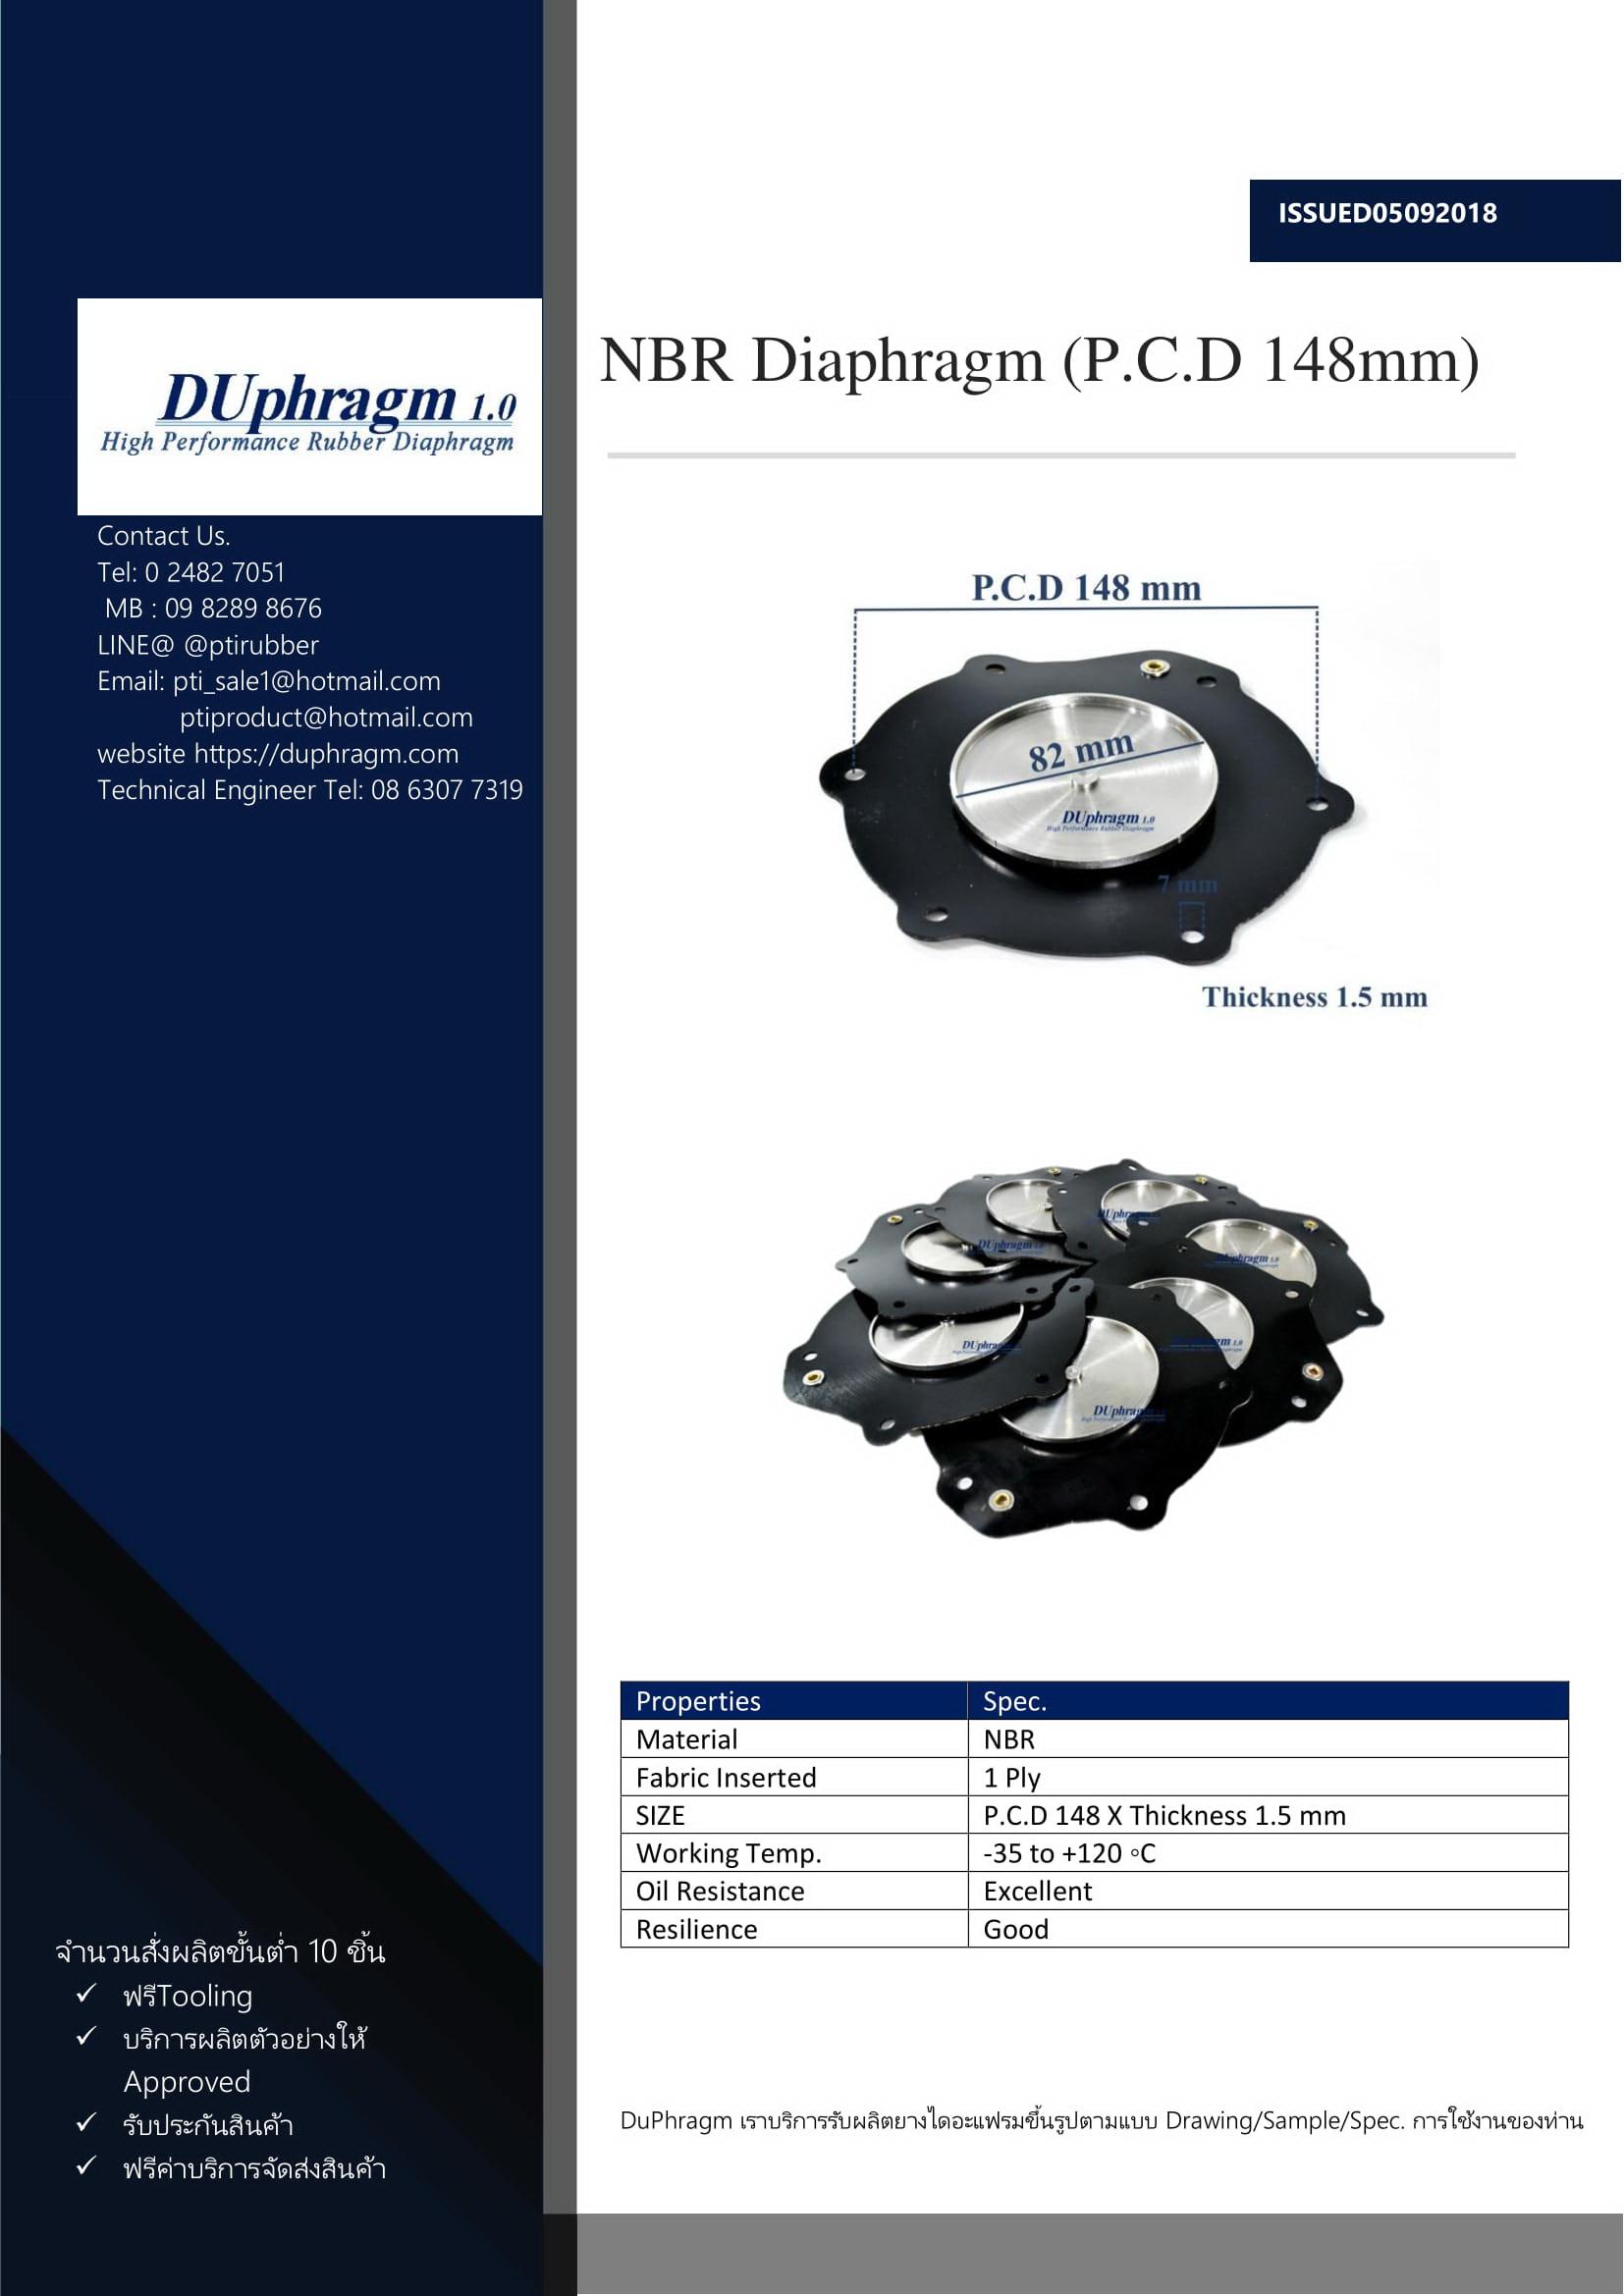 รับผลิตยางไดอะแฟรมNBR (P.C.D148mm)-Threaded pin Diaphragms-1